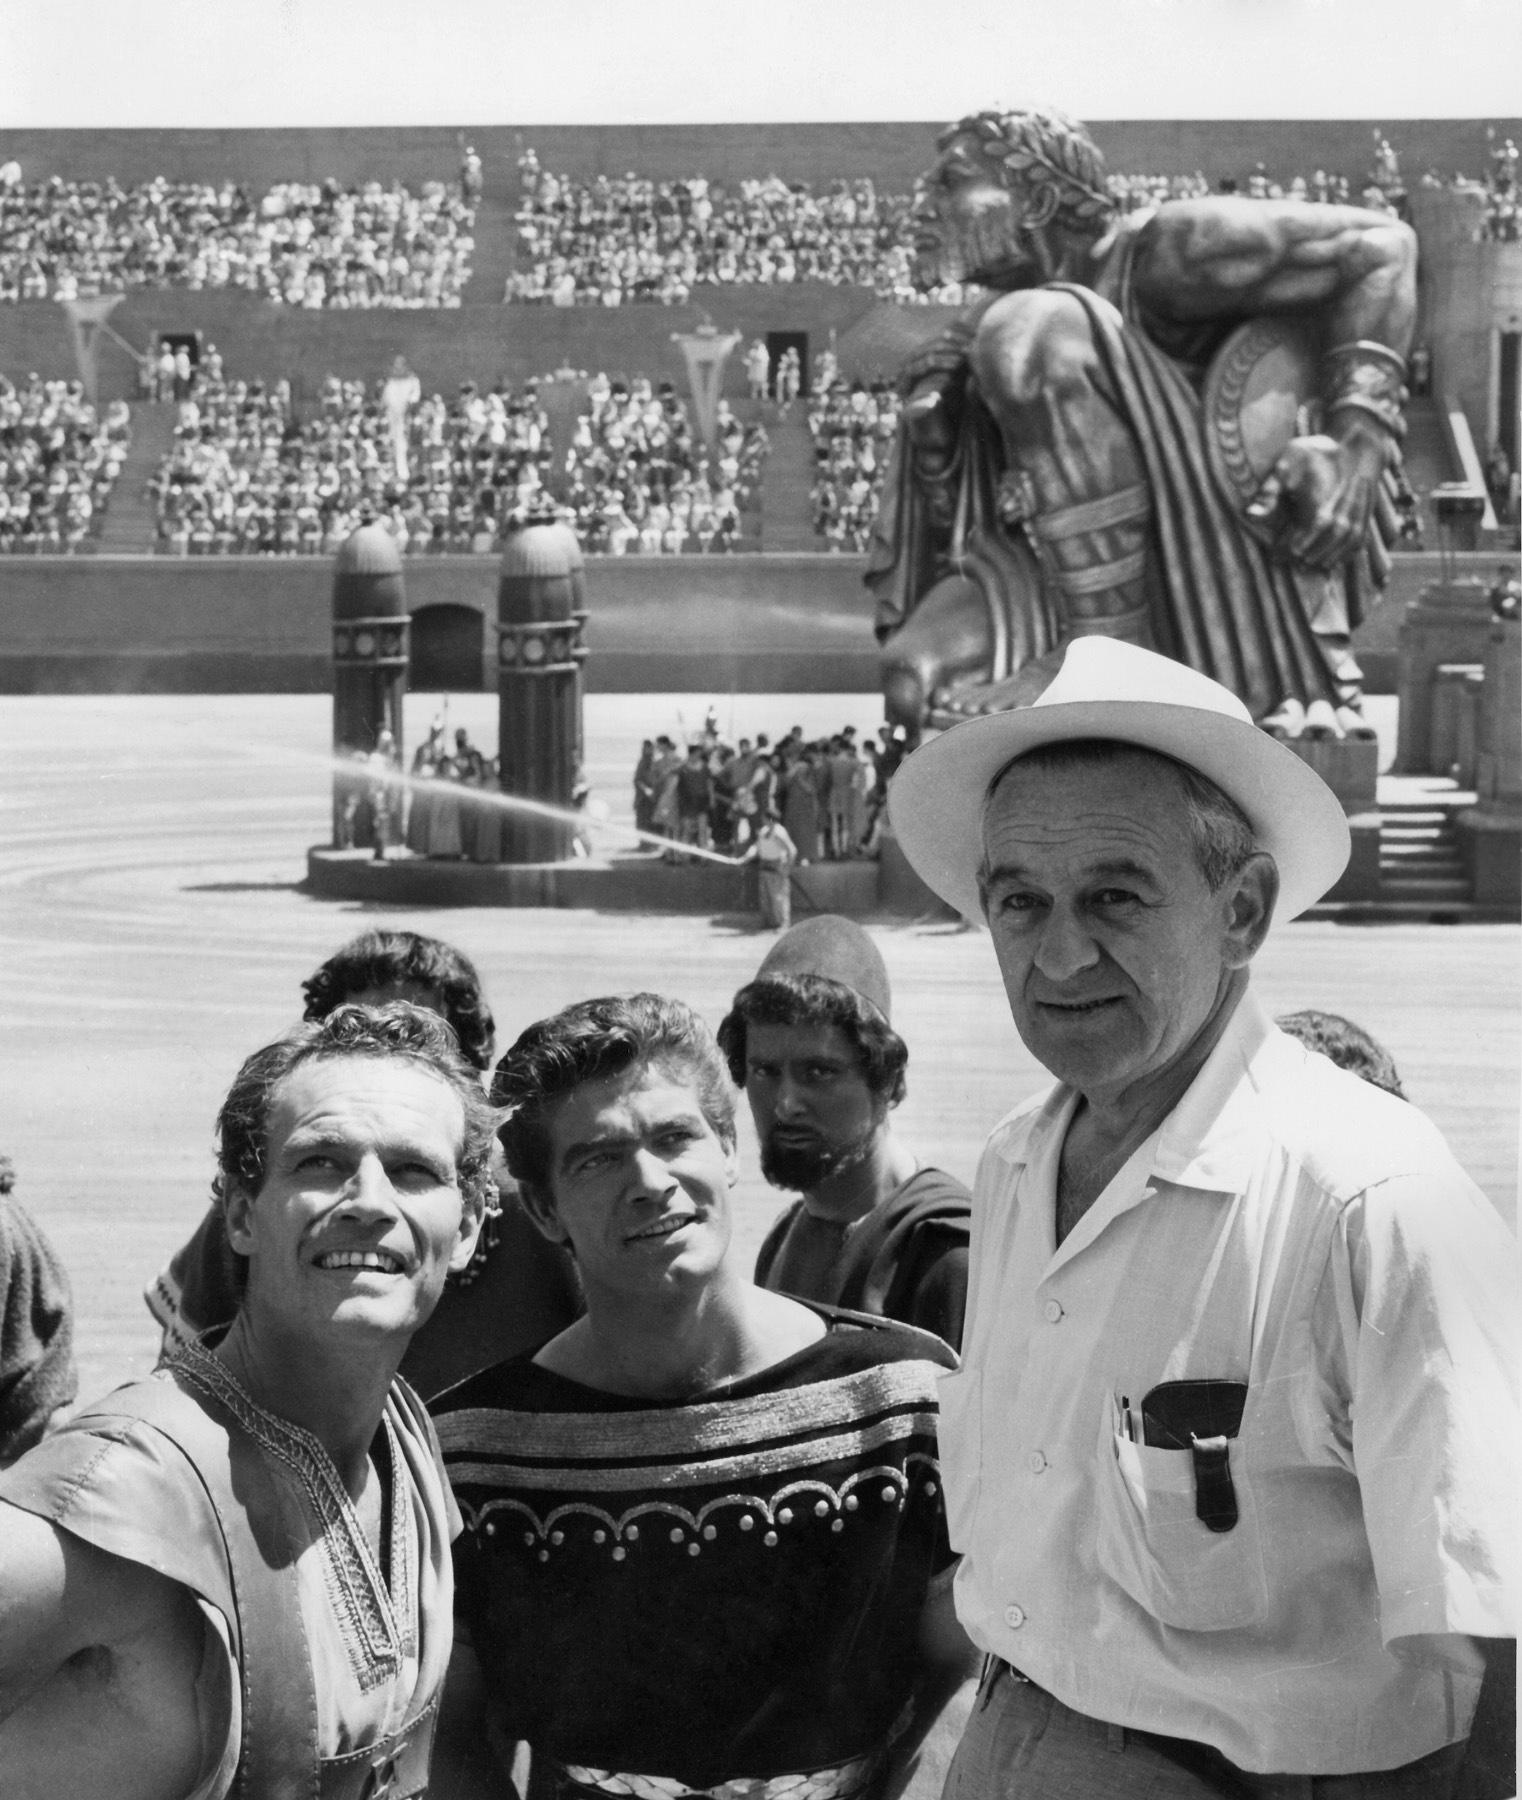 Charlton Heston in Ben-Hur with (L to R) Charlton Heston, Stephen Boyd, William Wyler